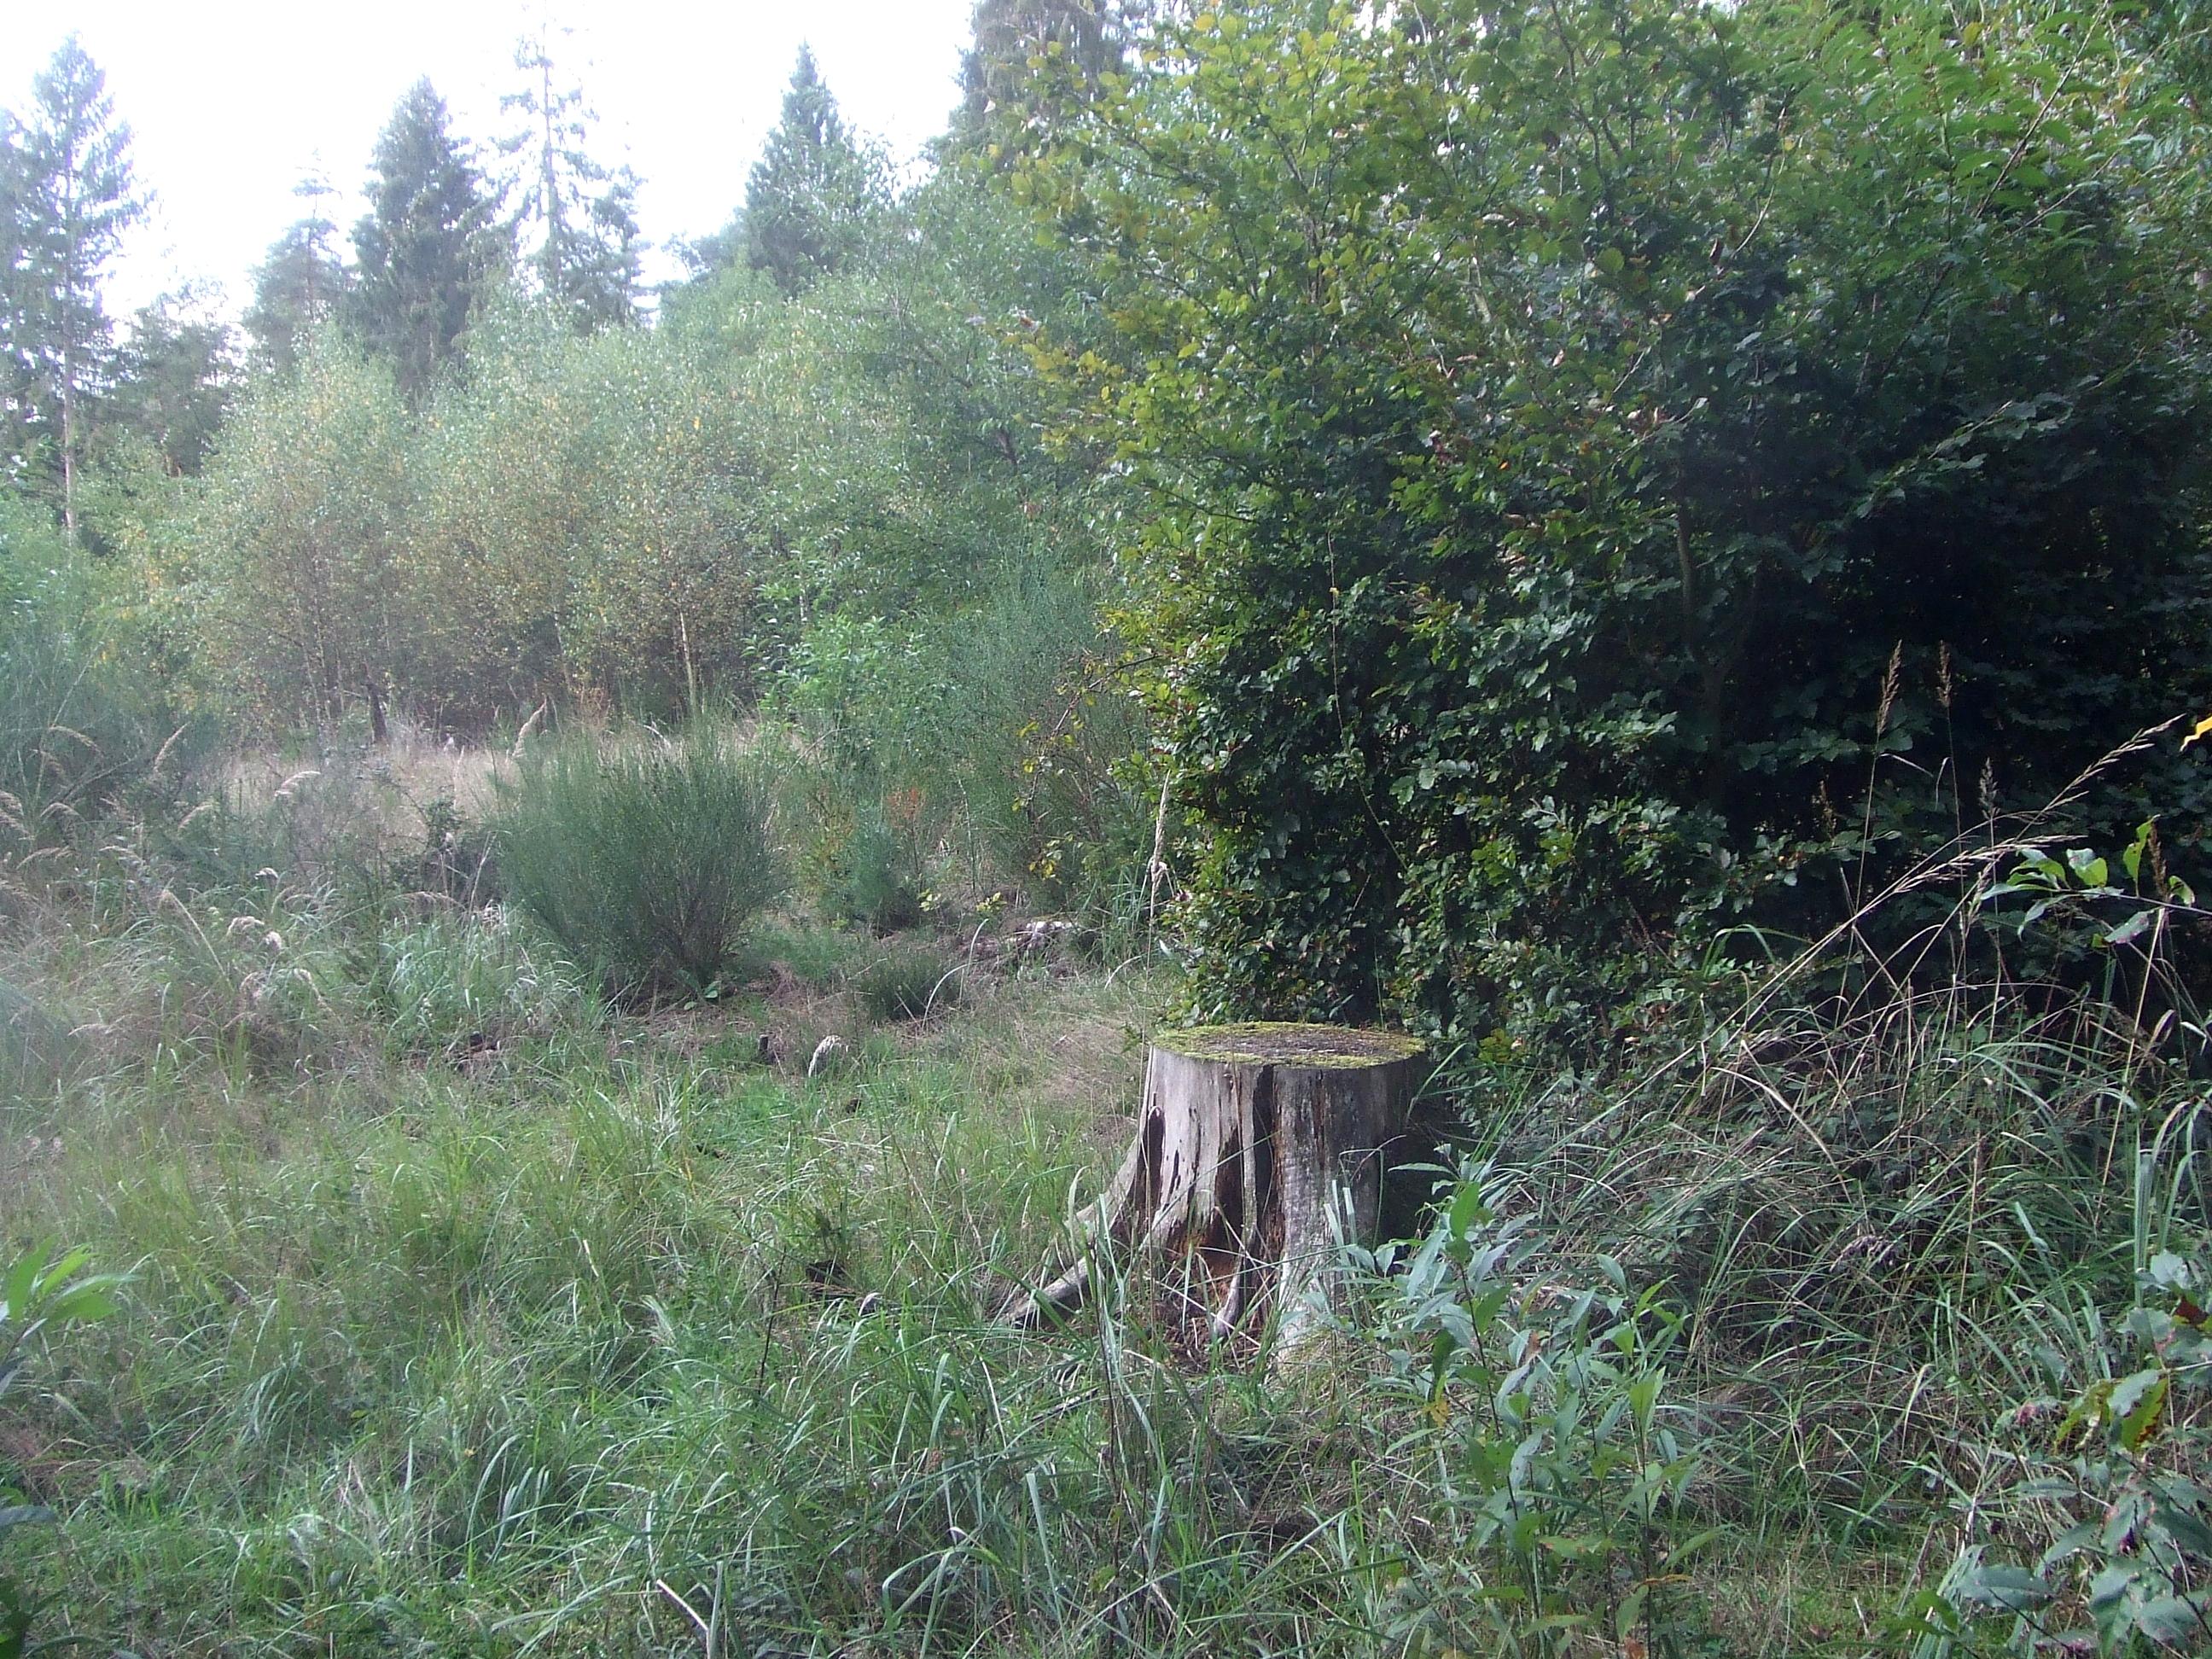 Truppweise Anpflanzung von Buche unter dem Schirm der geschädigten Fichten, dazwischen verschiedene natürliche Sukzessionsstadien der Waldentwicklung